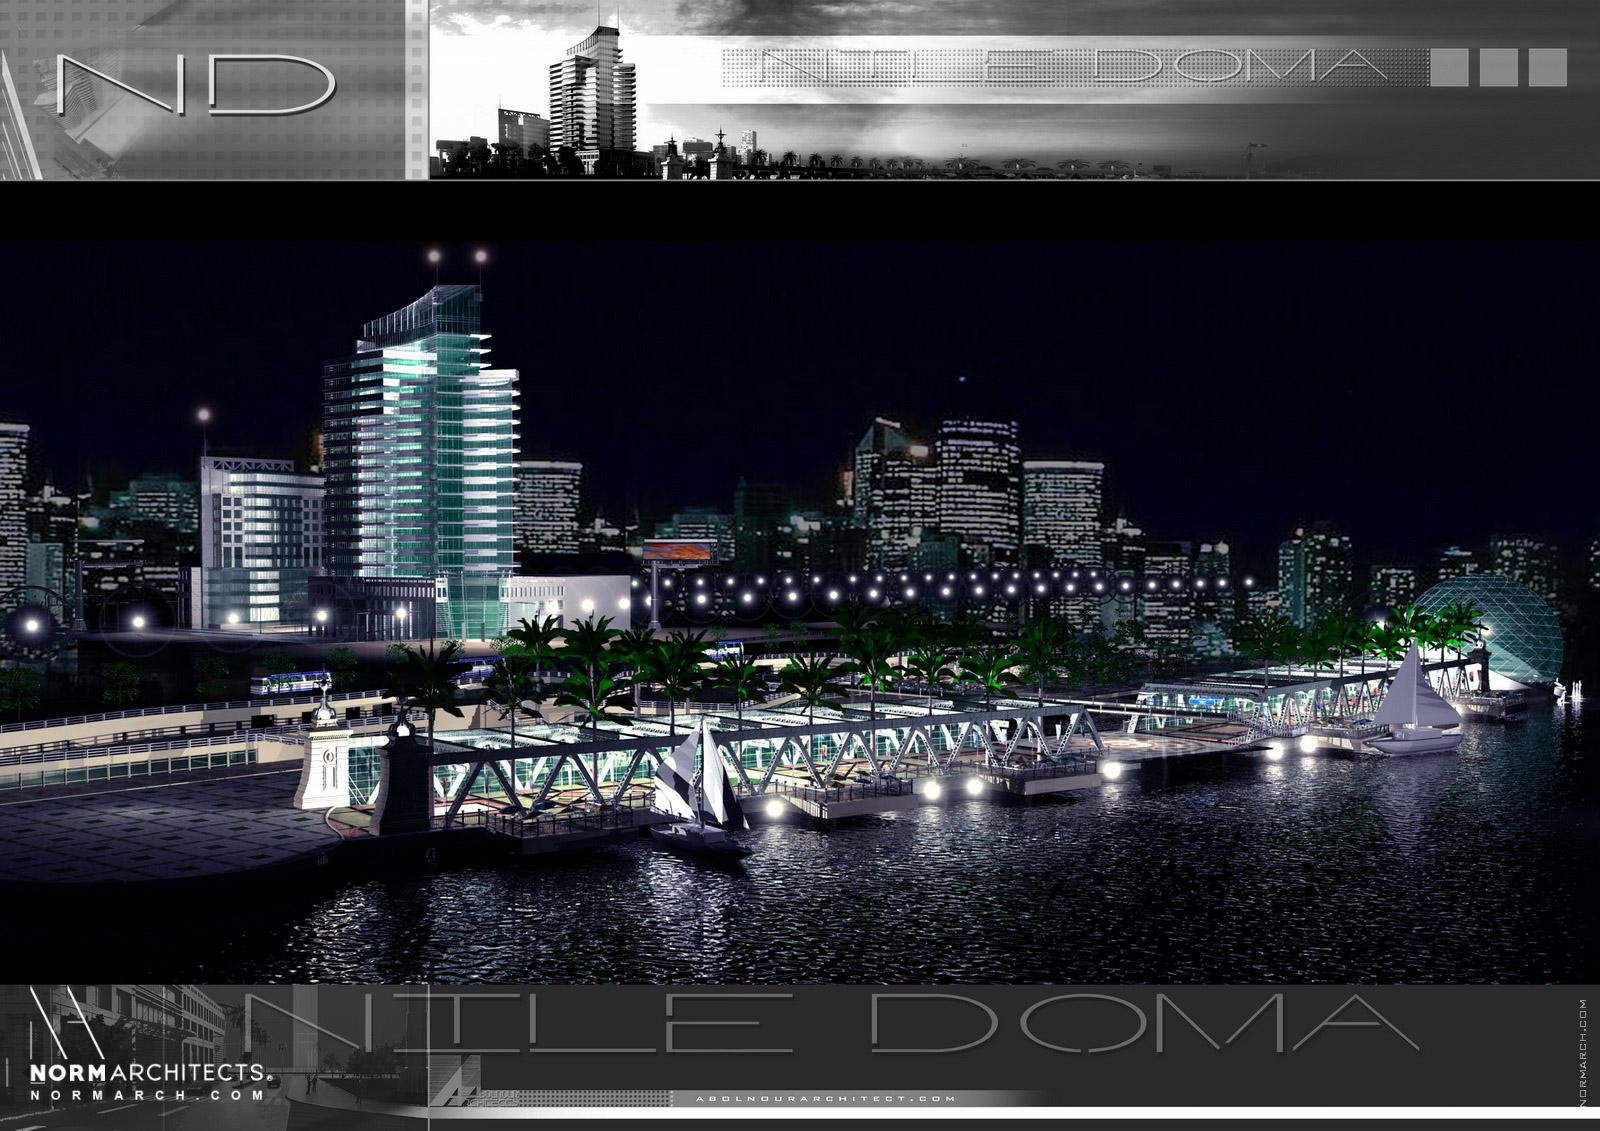 Nile Doma